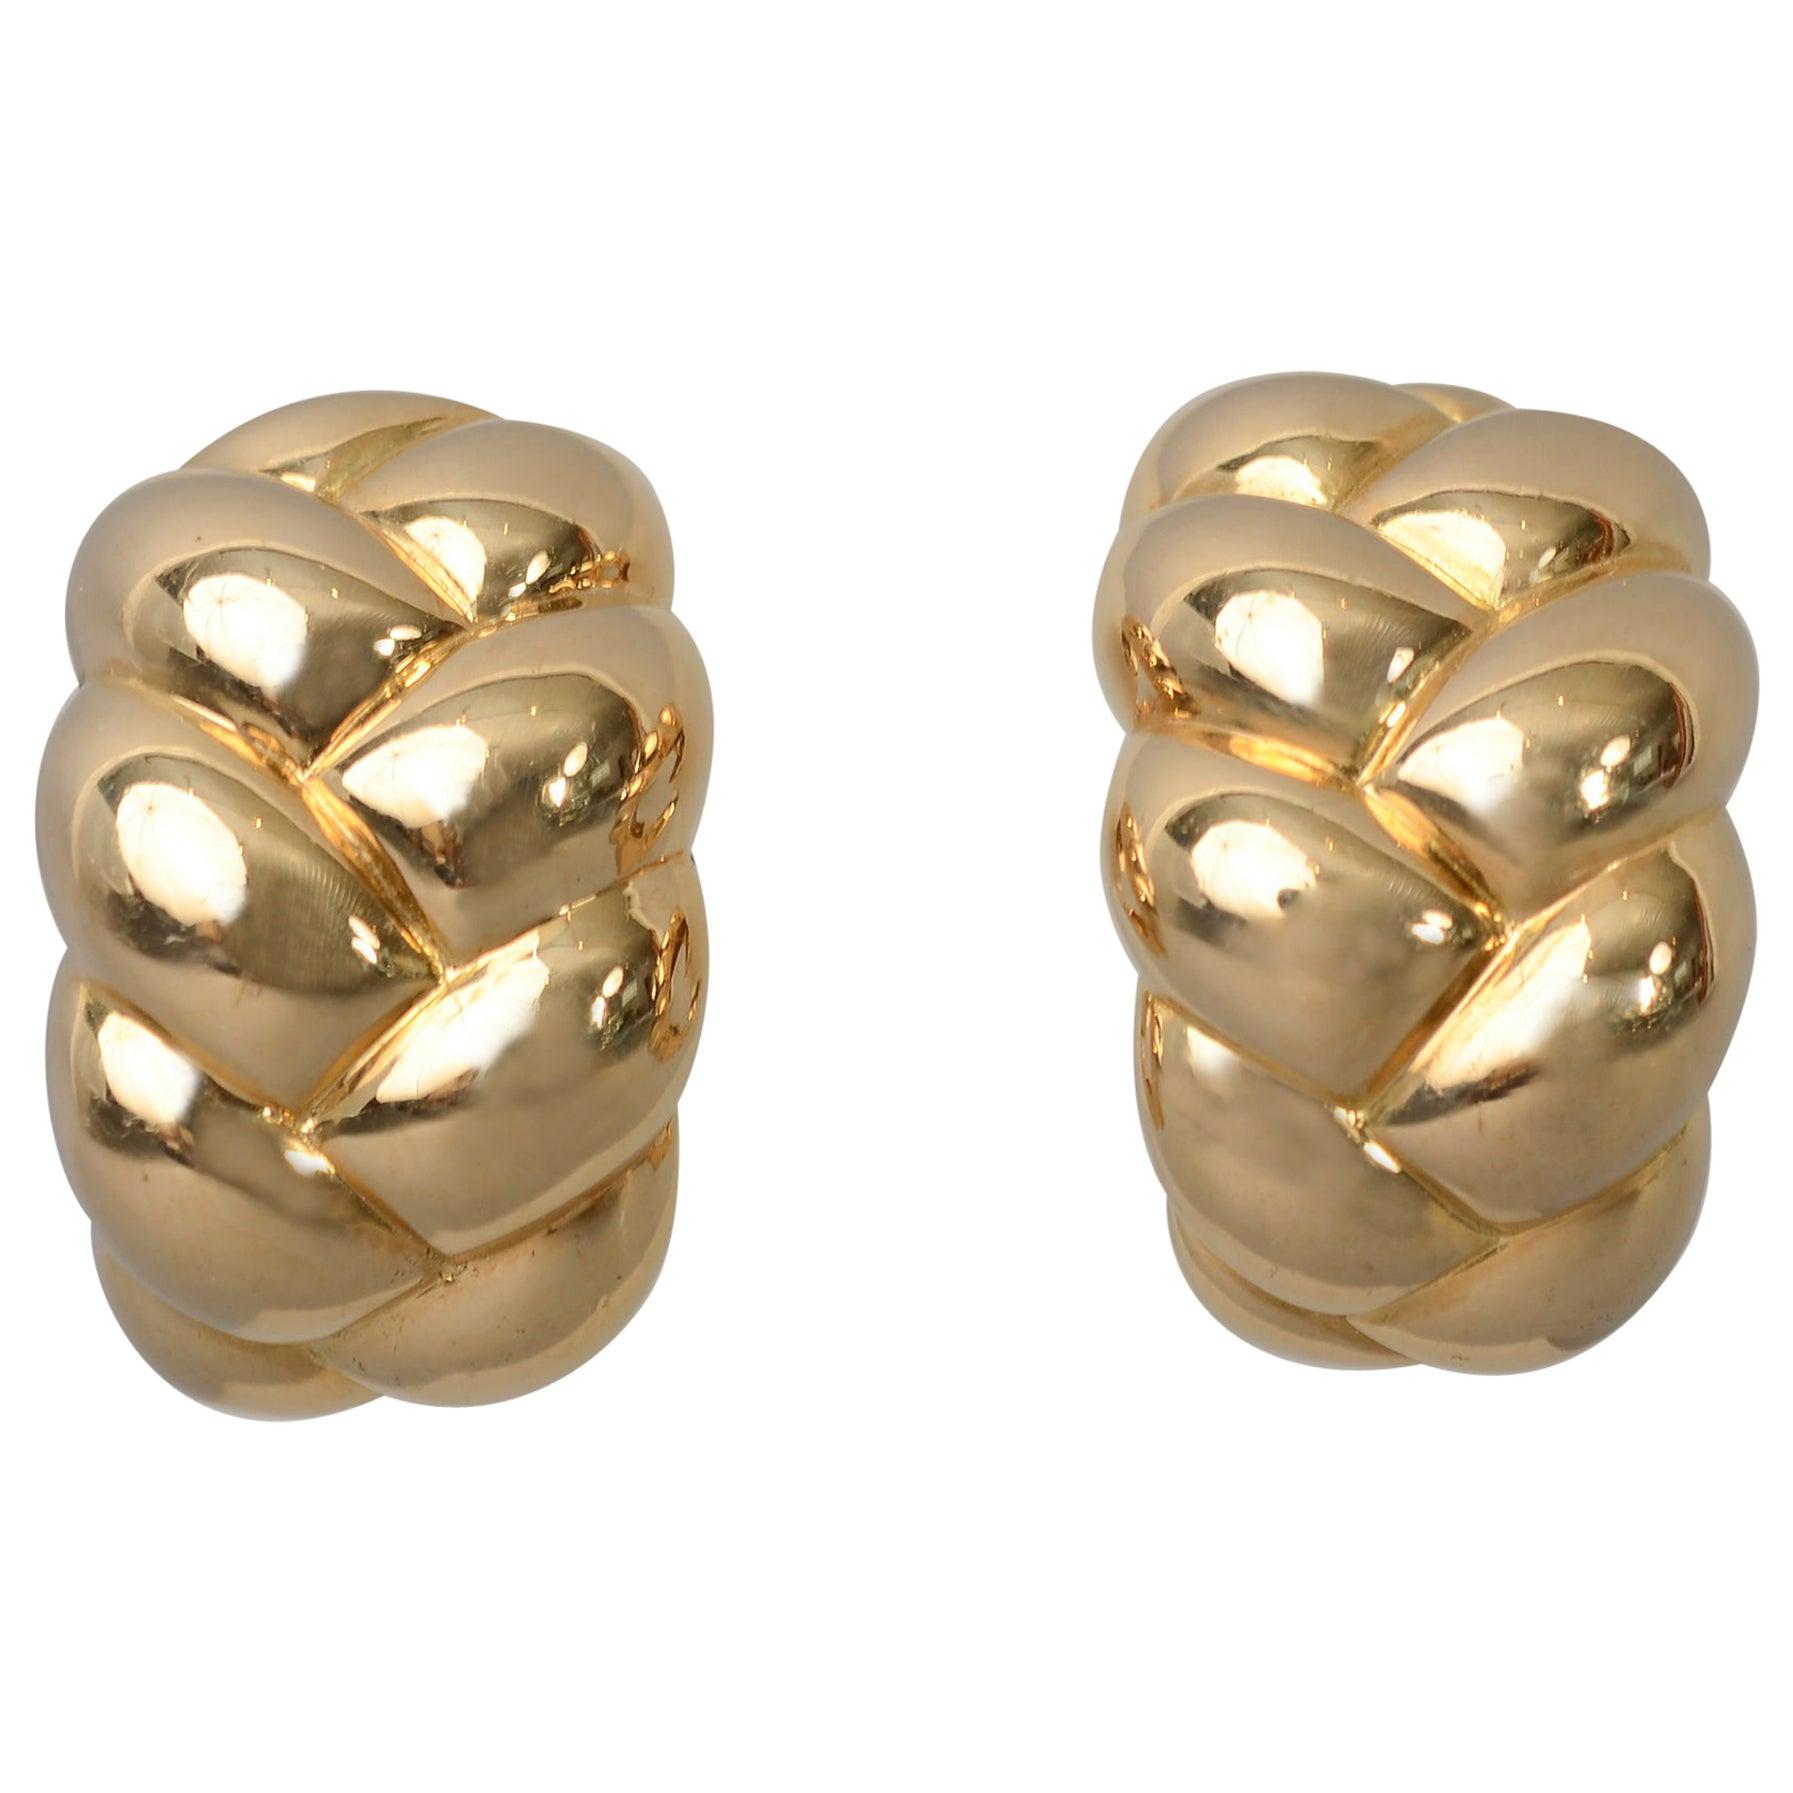 Van Cleef & Arpels Woven Gold Earrings